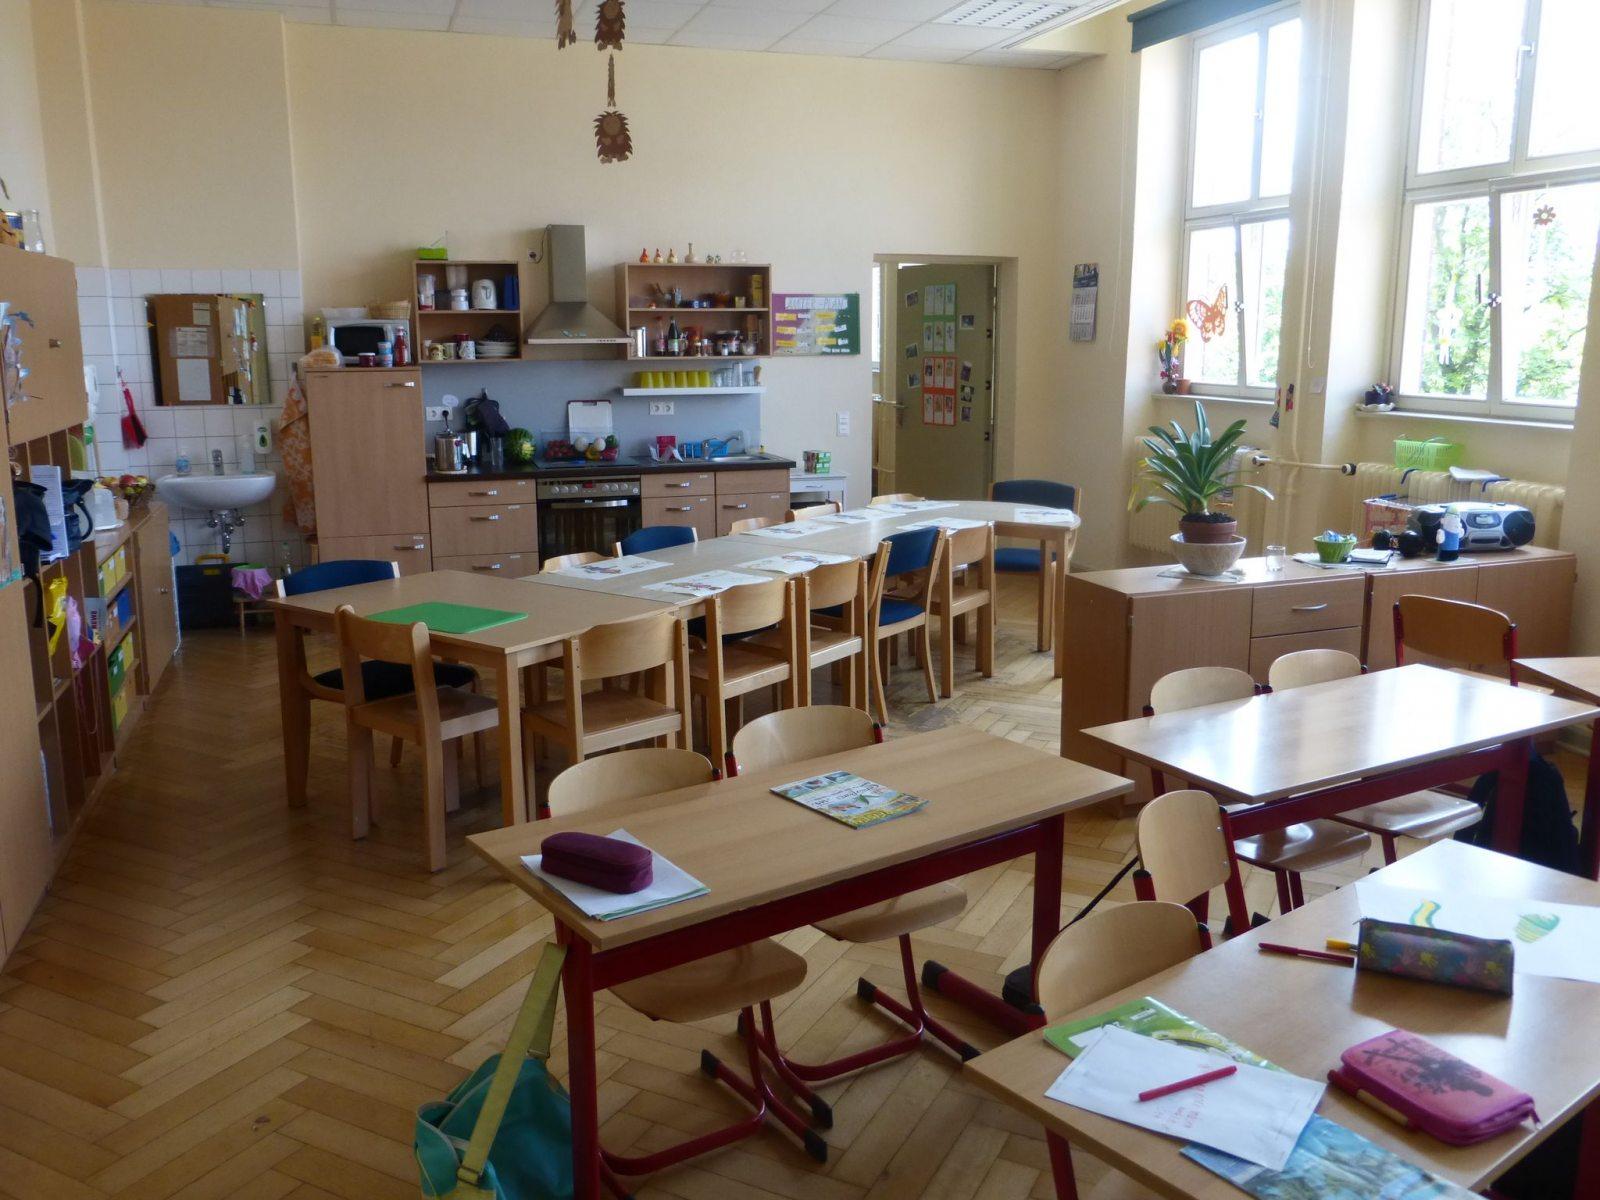 Klassenraum-mit-Kuechenzeile